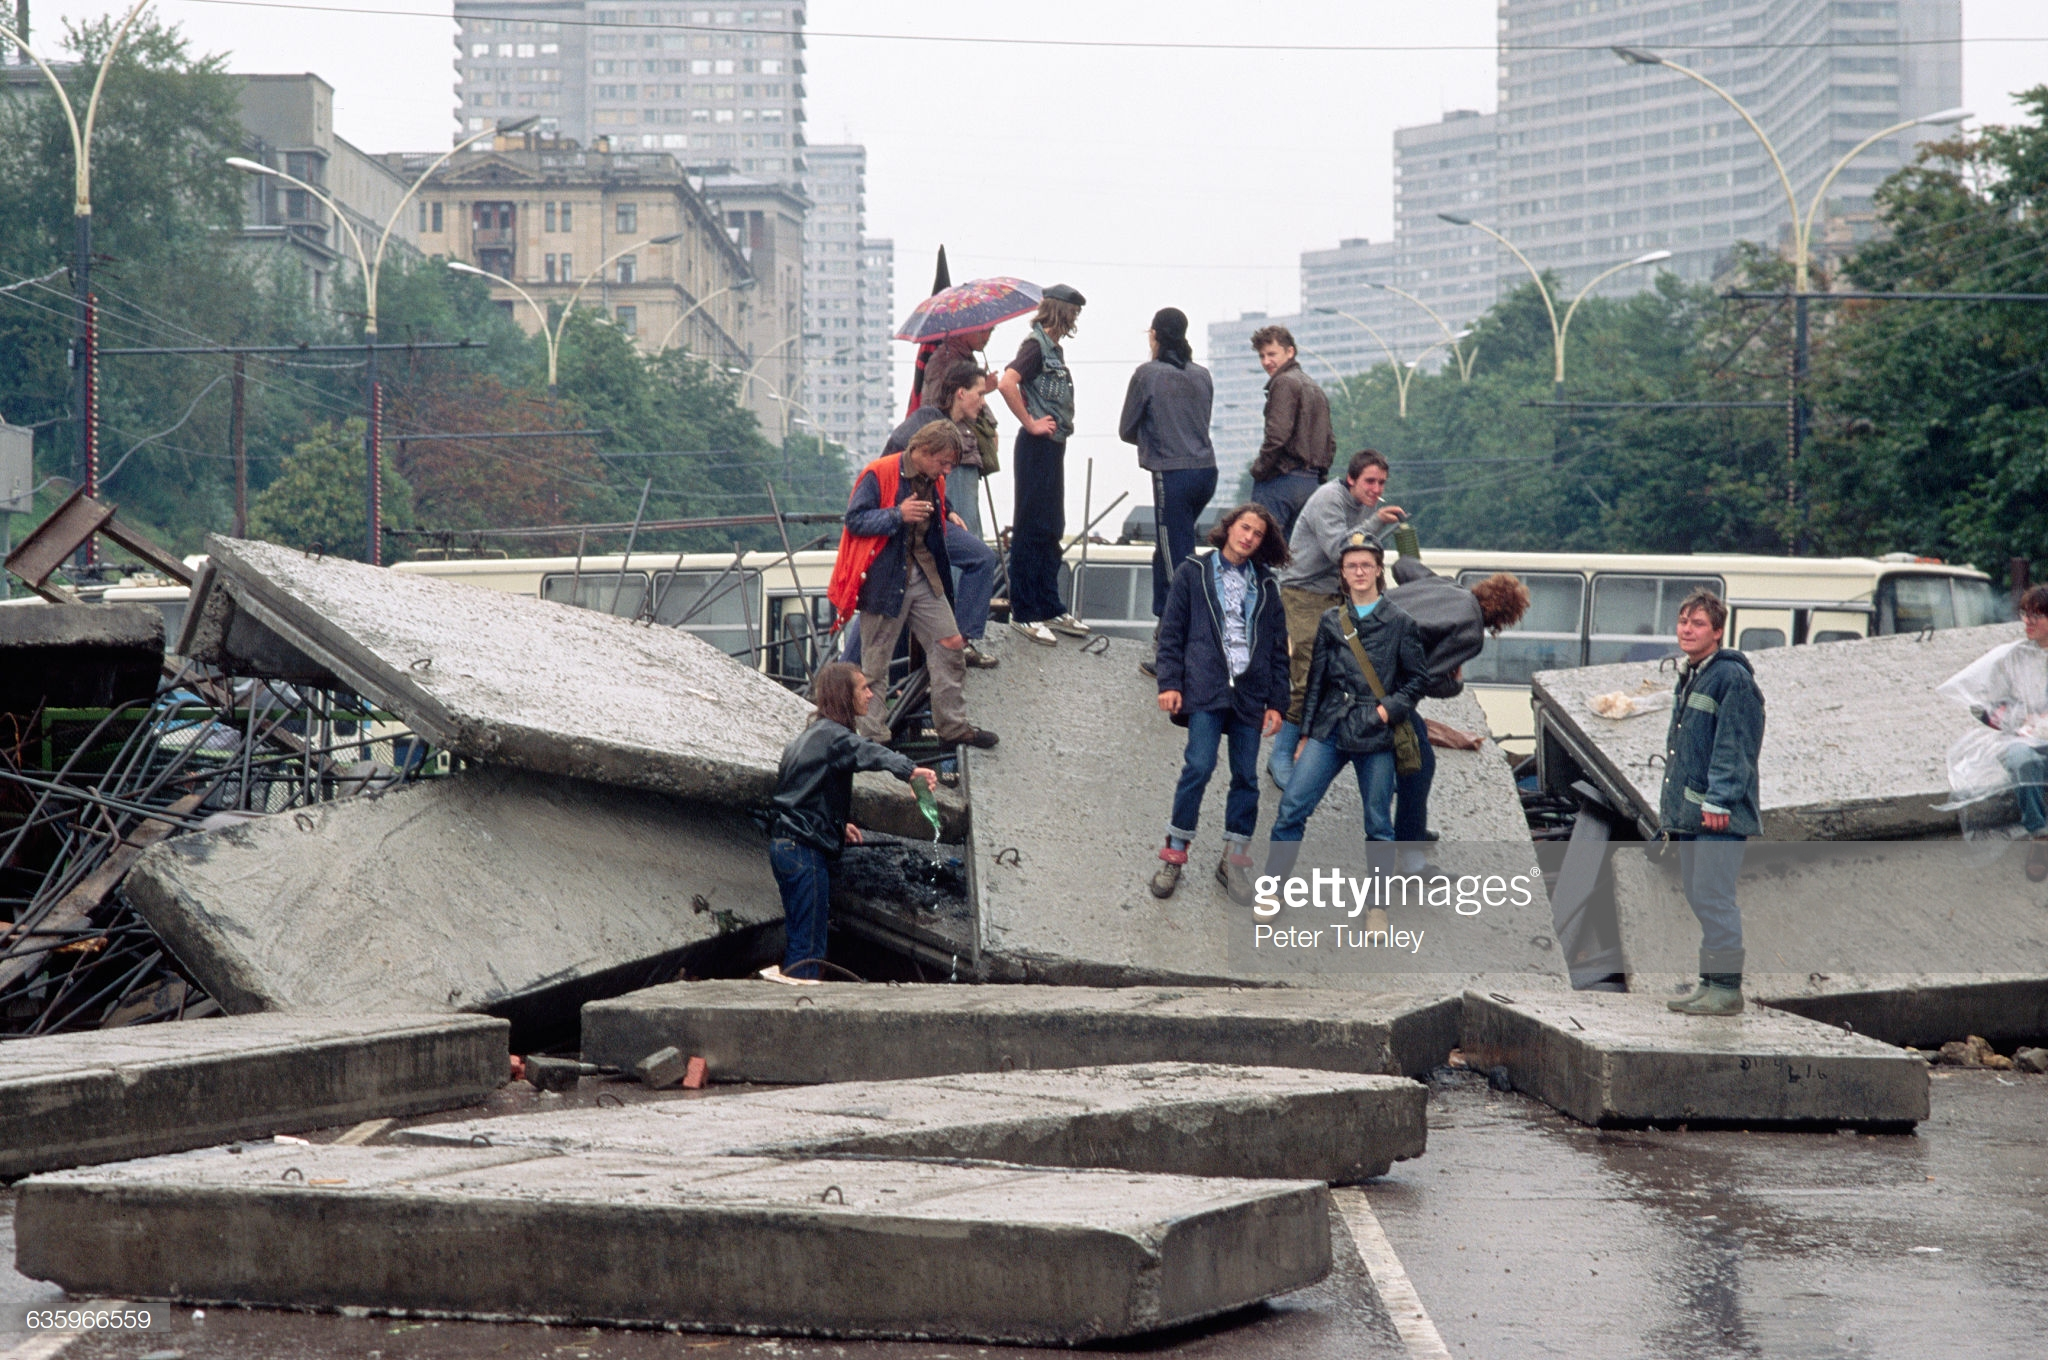 Небольшая группа подростков на больших плитах сломанного тротуара